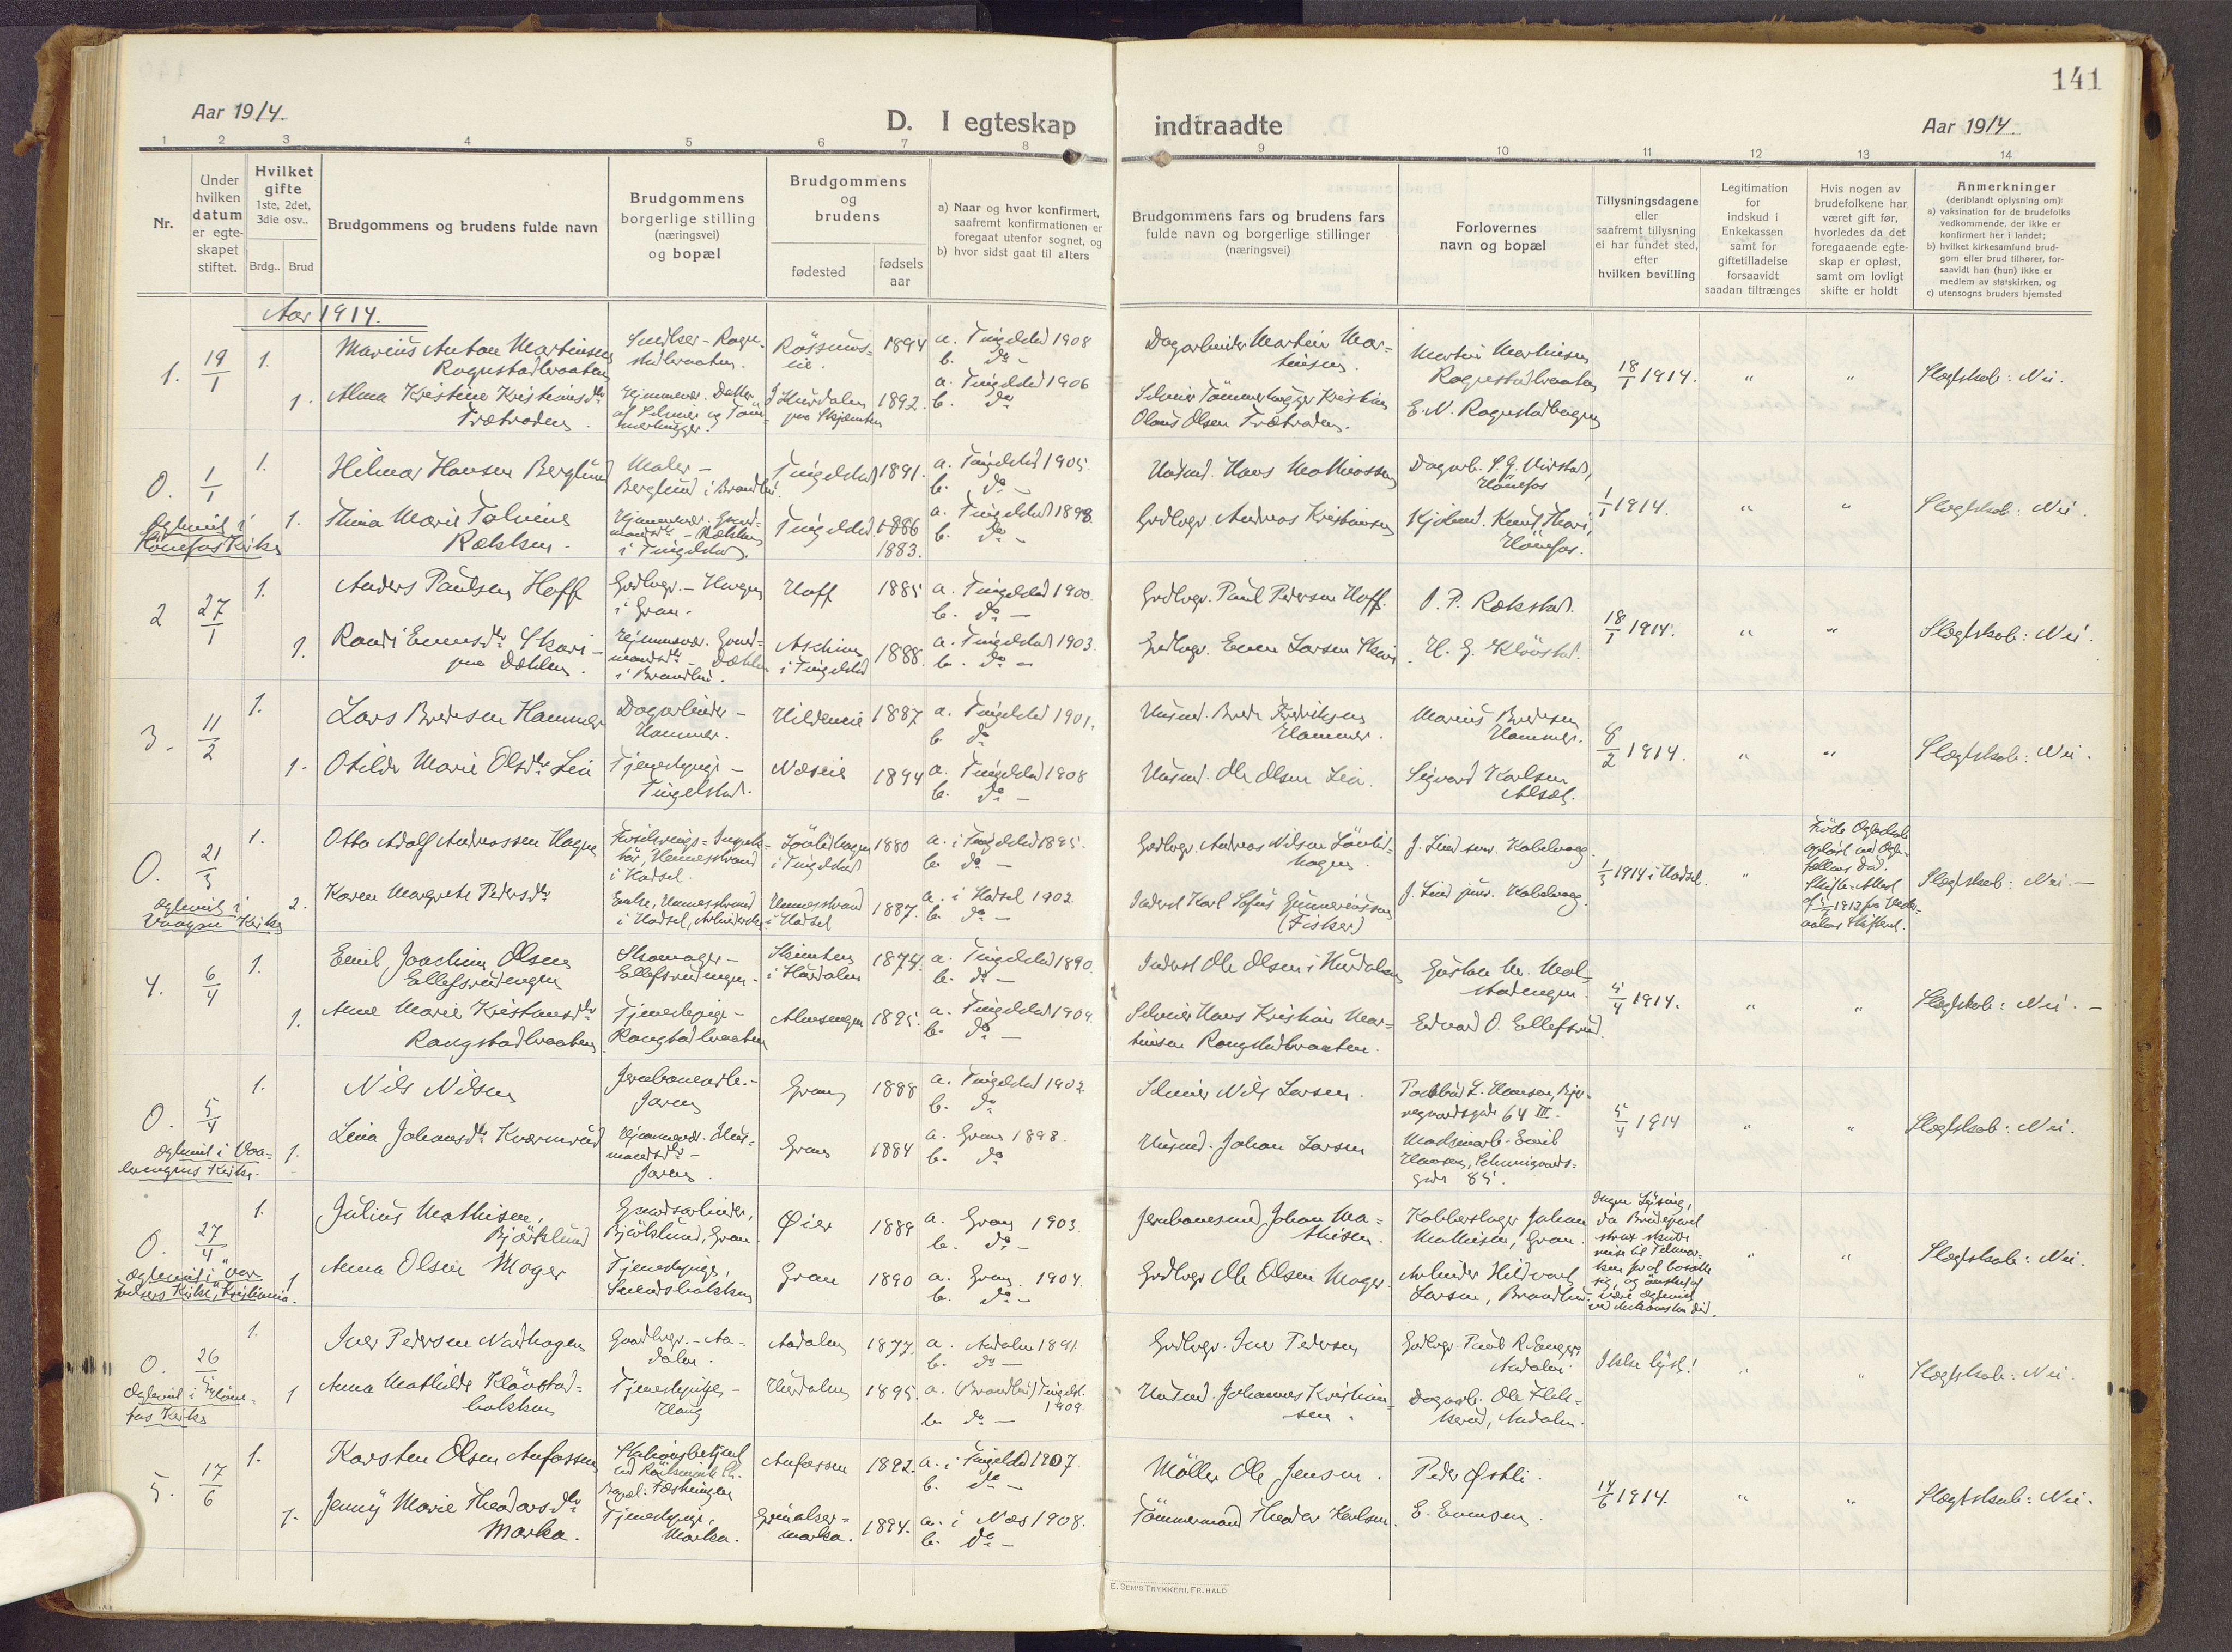 SAH, Brandbu prestekontor, Ministerialbok nr. 3, 1914-1928, s. 141